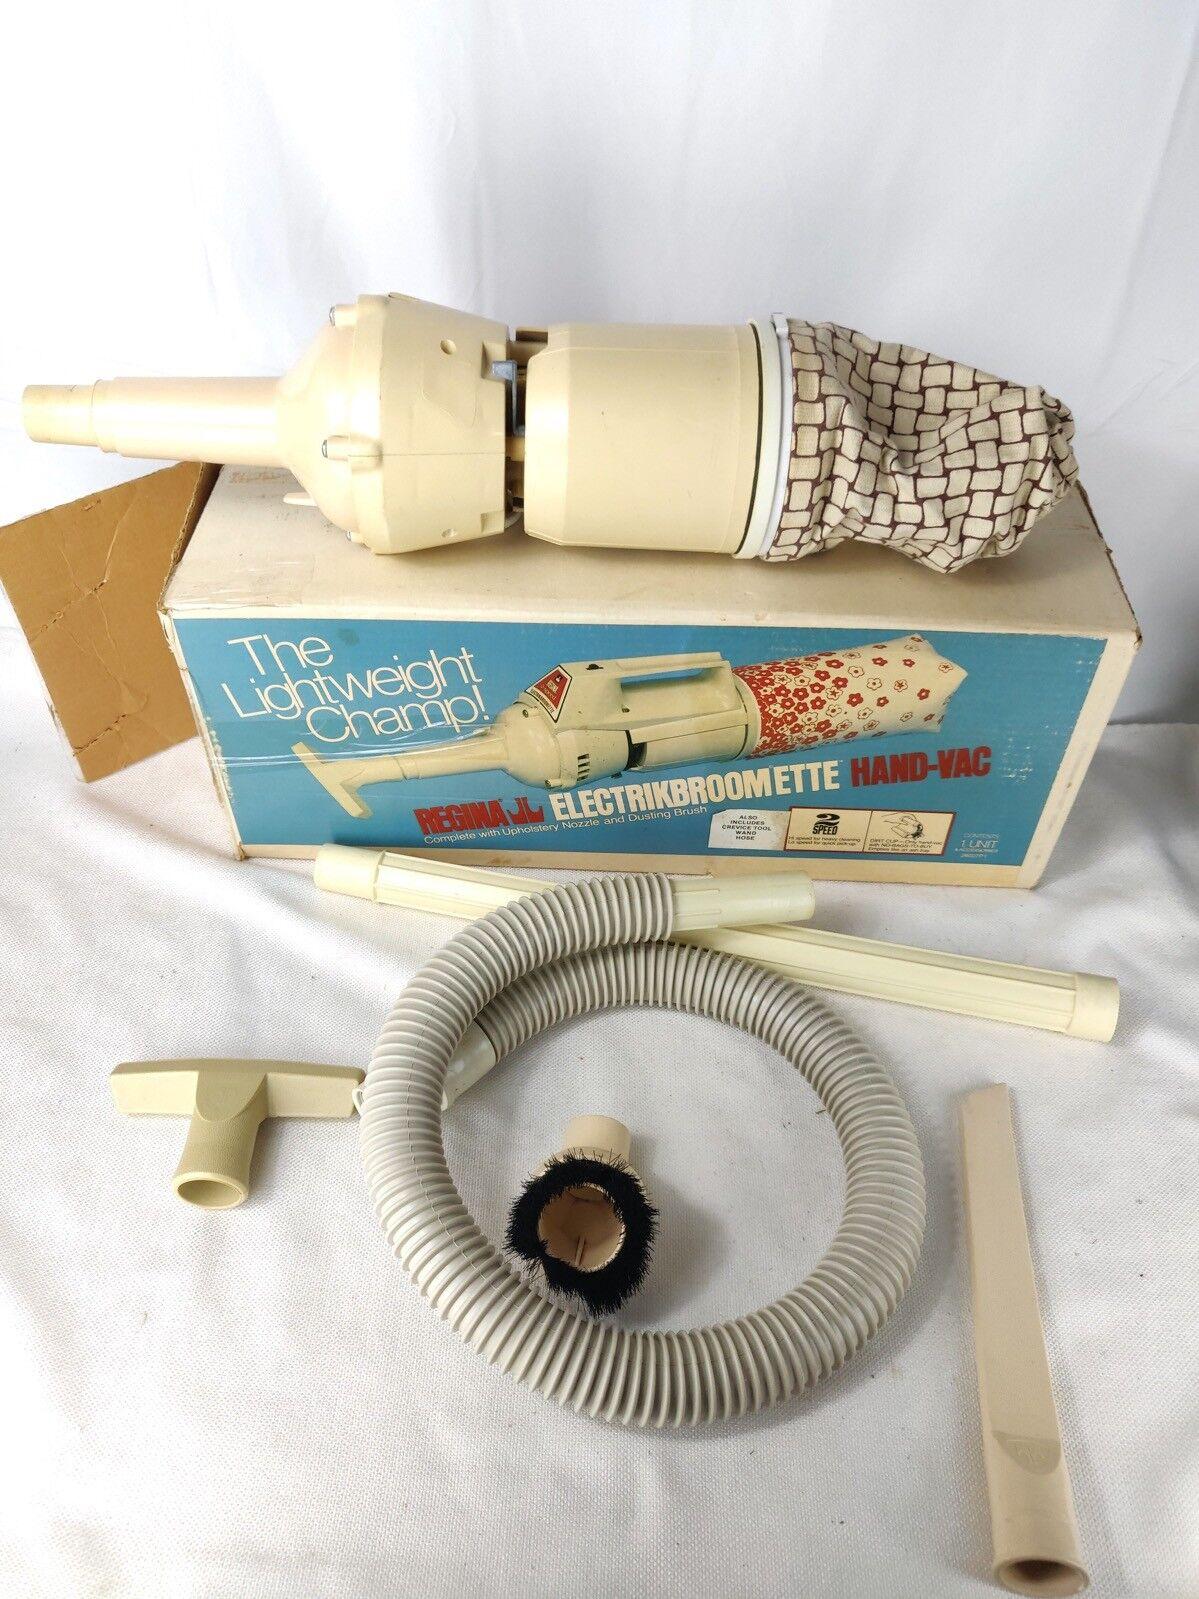 Regina Electrikbroomette Hand-Vac 2-Speed Portable Vacuum